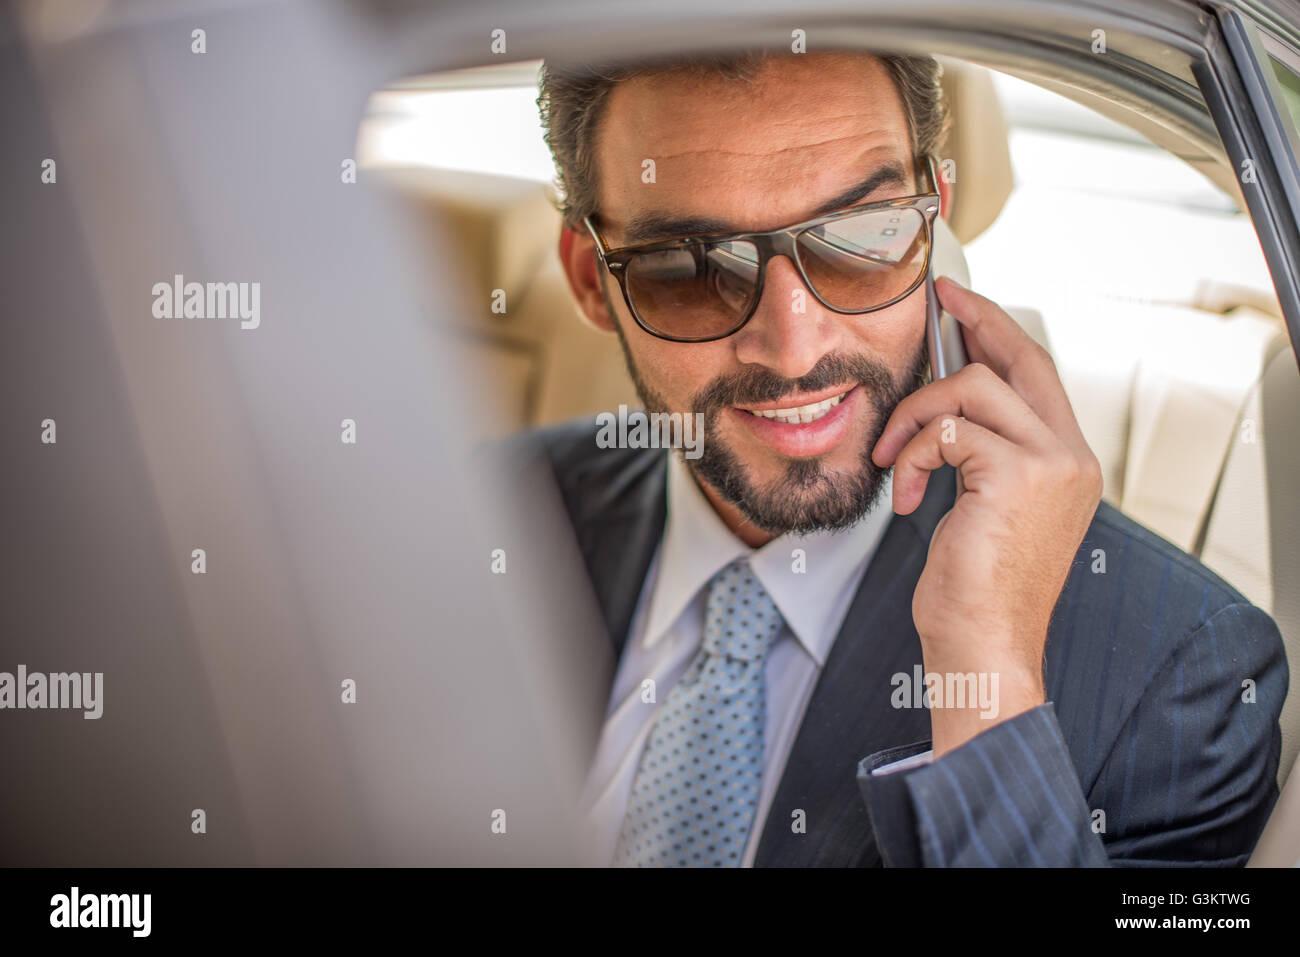 d4abb7a4e4 Empresario joven con gafas de sol hablando sobre smartphone en coche  backseat, Dubai, Emiratos Árabes Unidos.